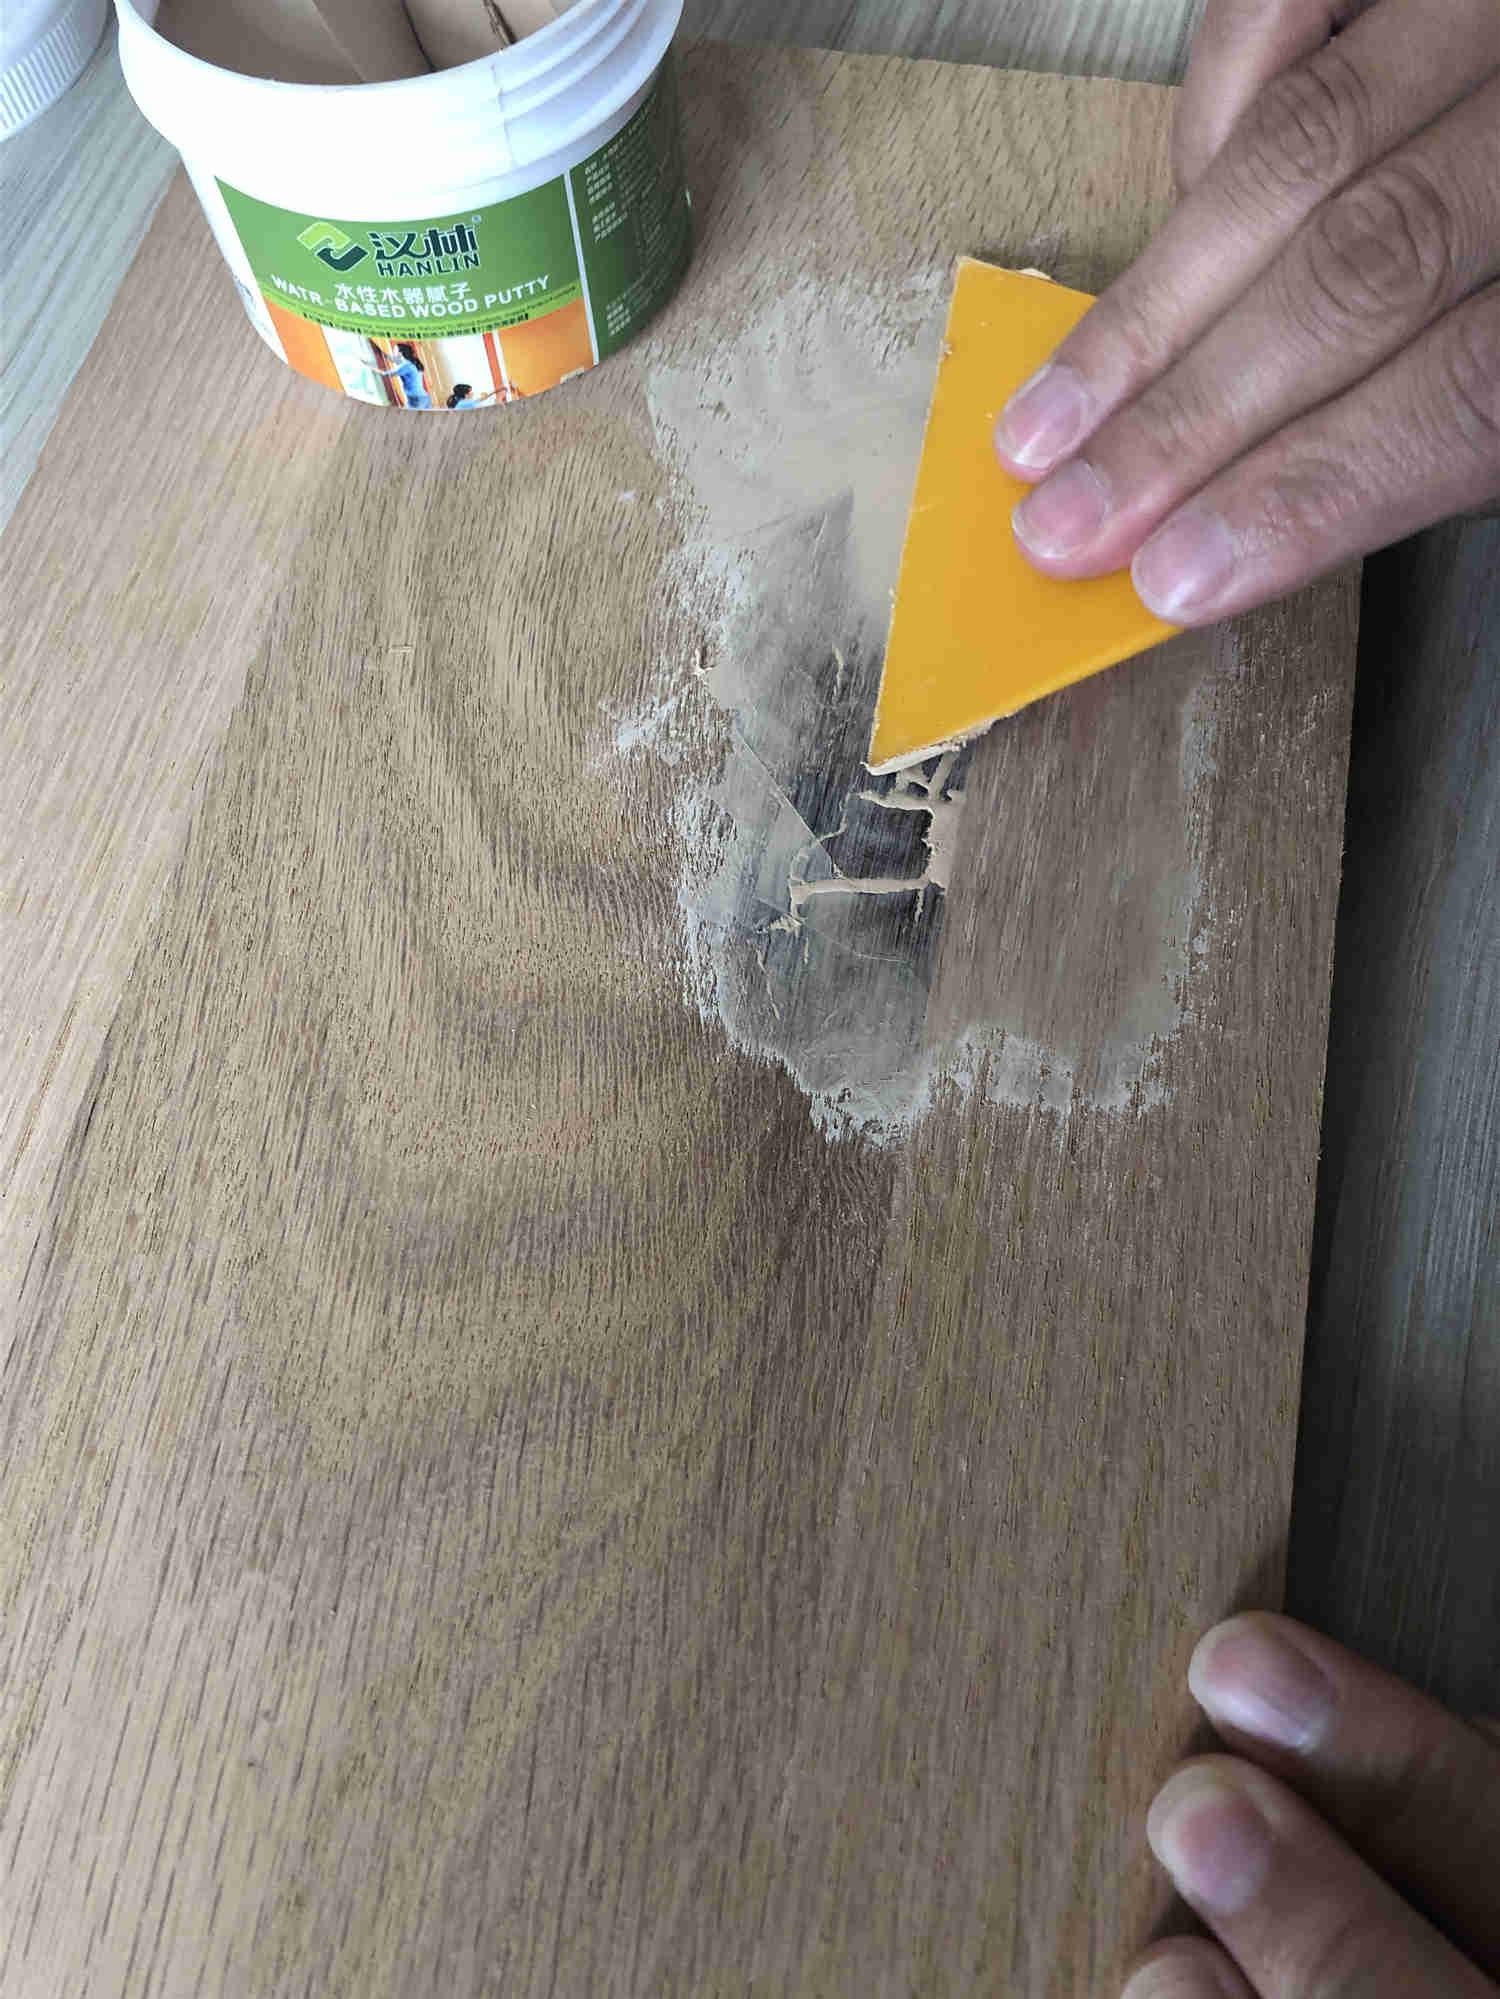 修补案例|汉林水性腻子修补榉木结疤的步骤详解